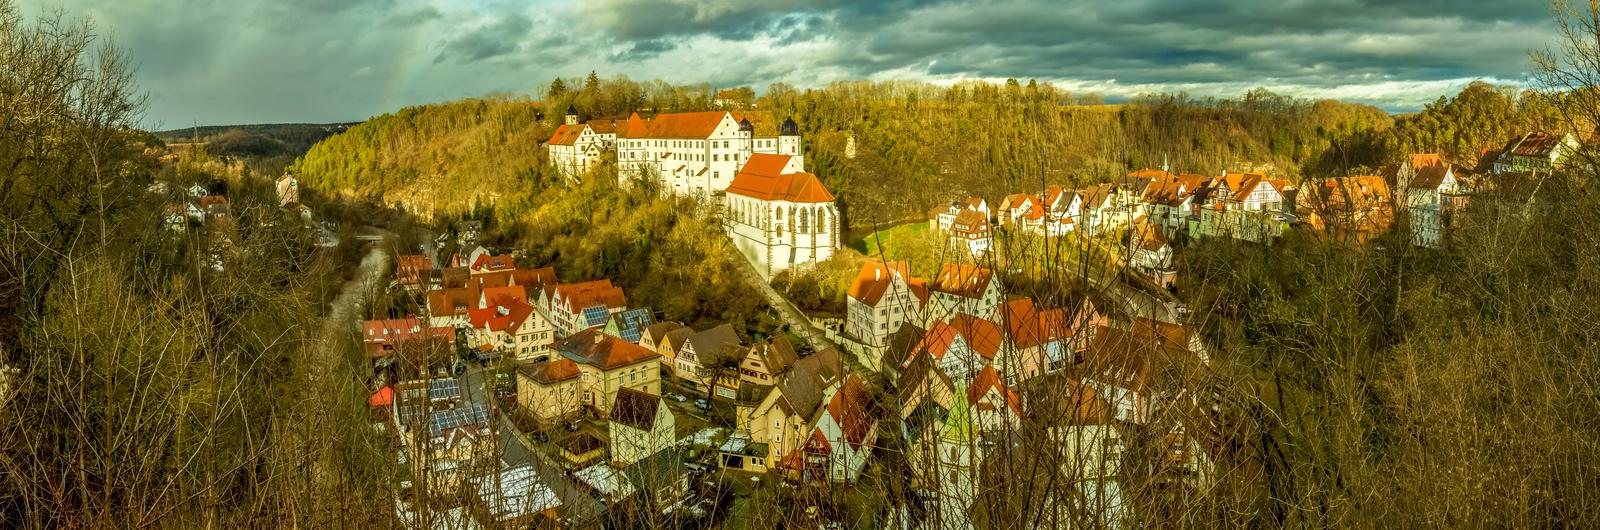 haigerloch city header